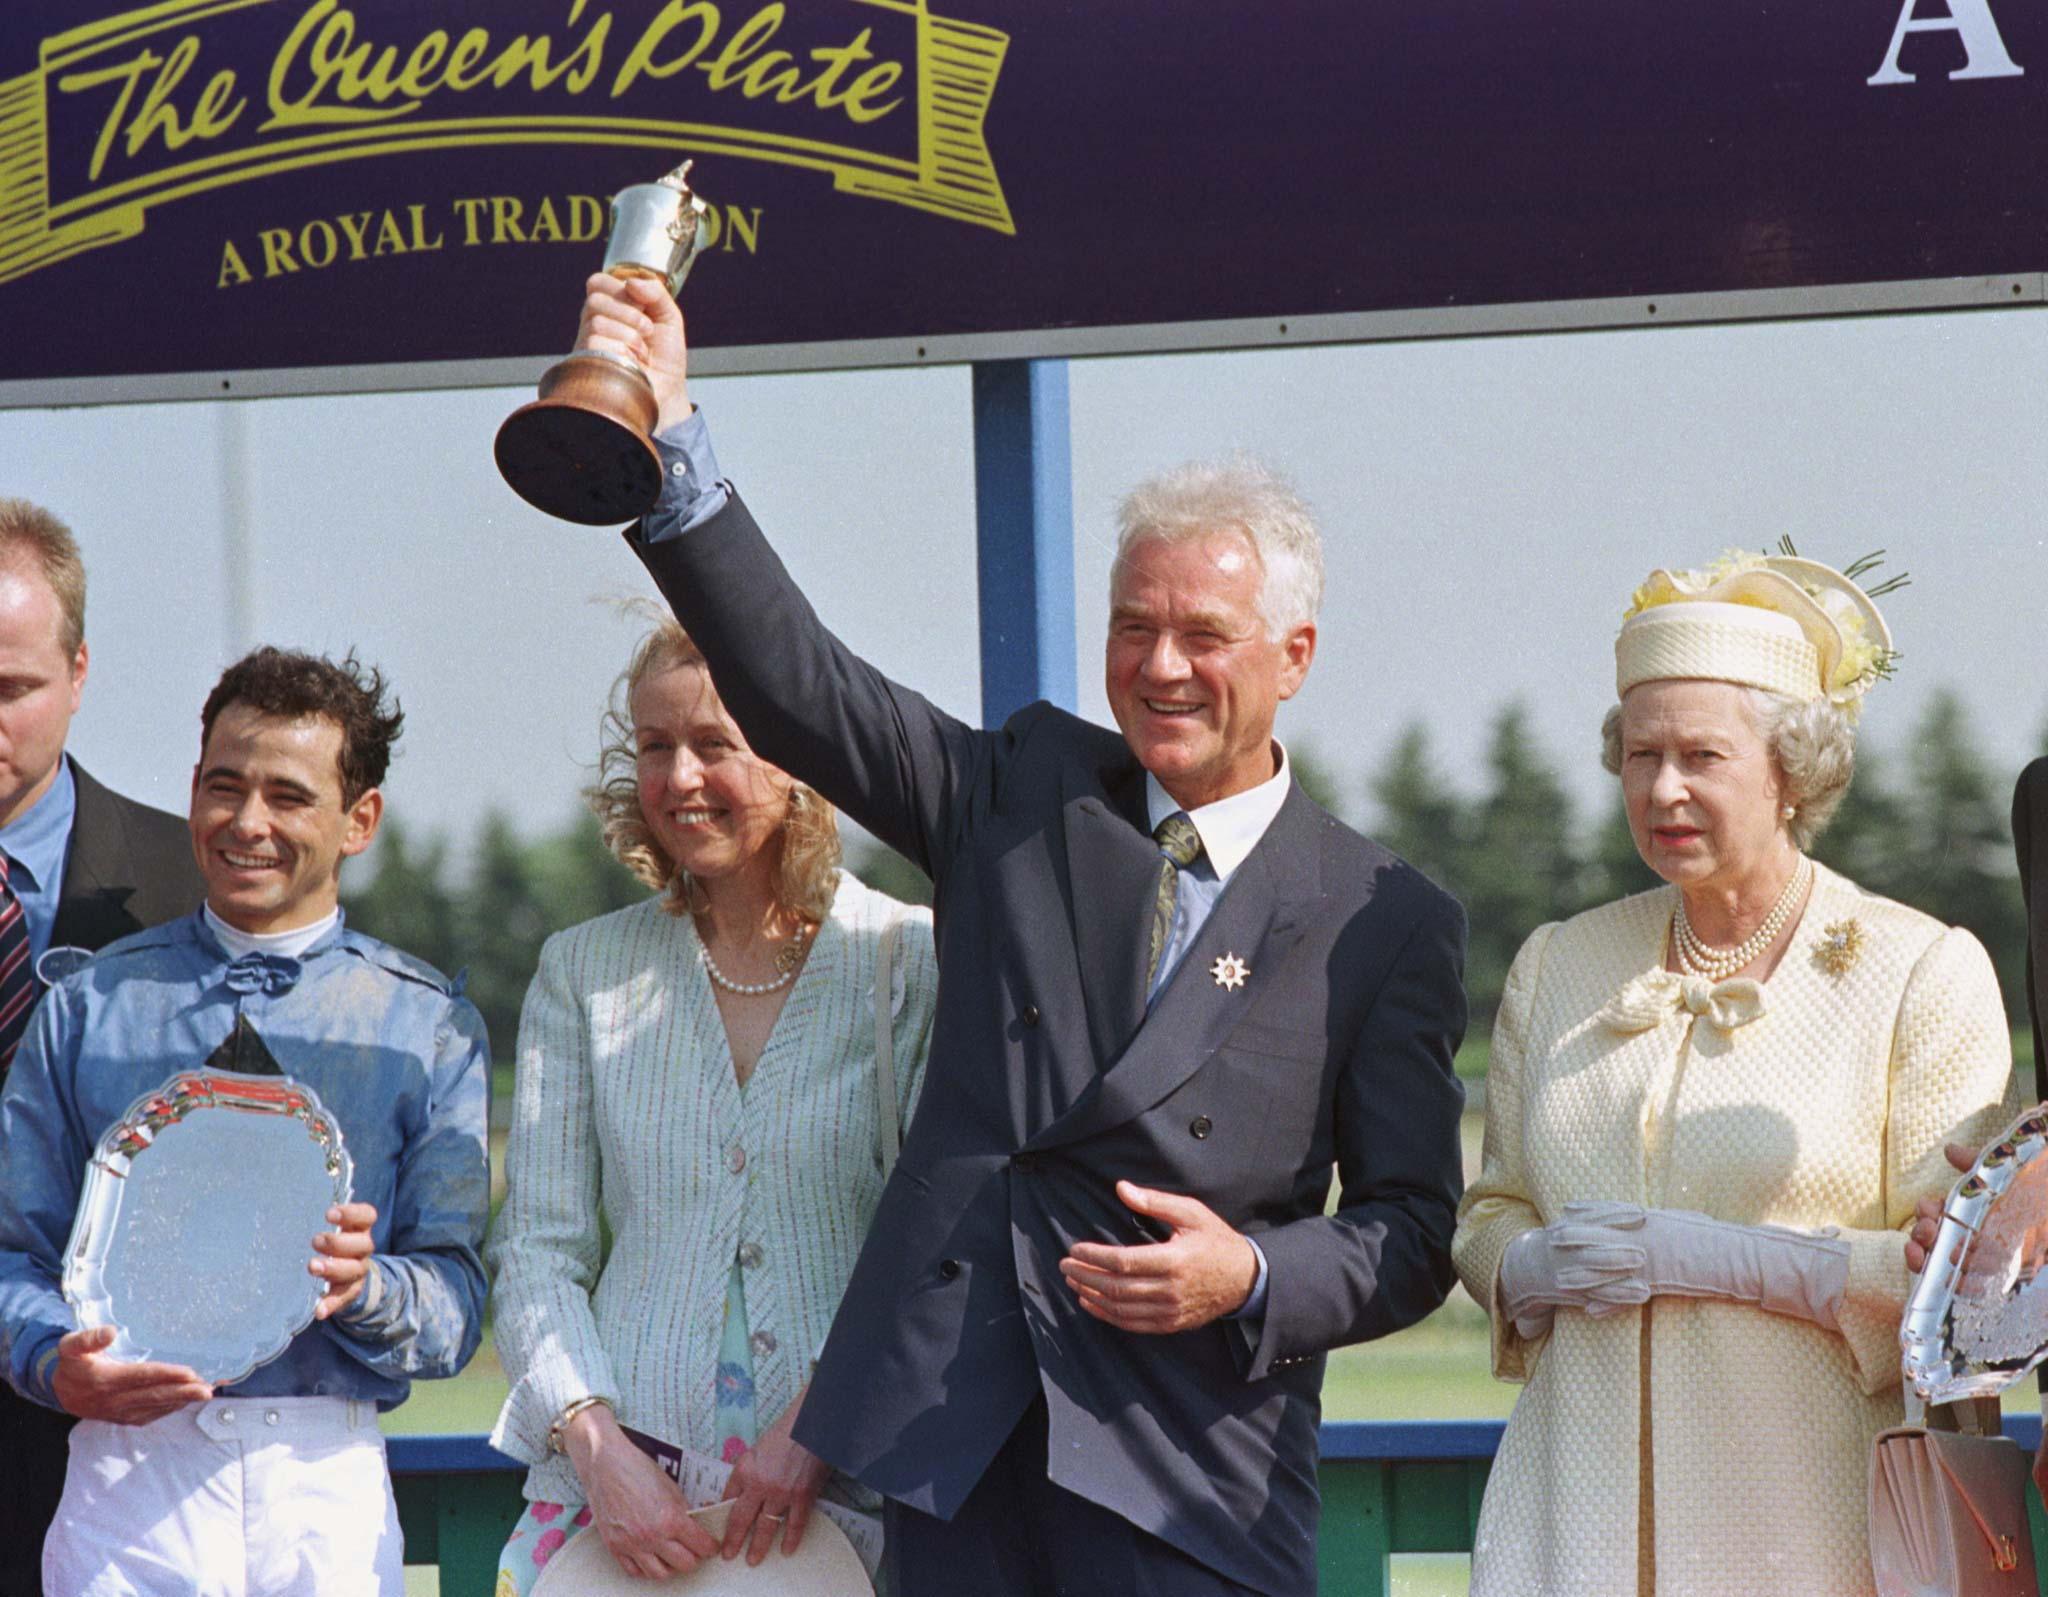 QUEEN ELIZABETH II WITH QUEENS PLATE WINNERS